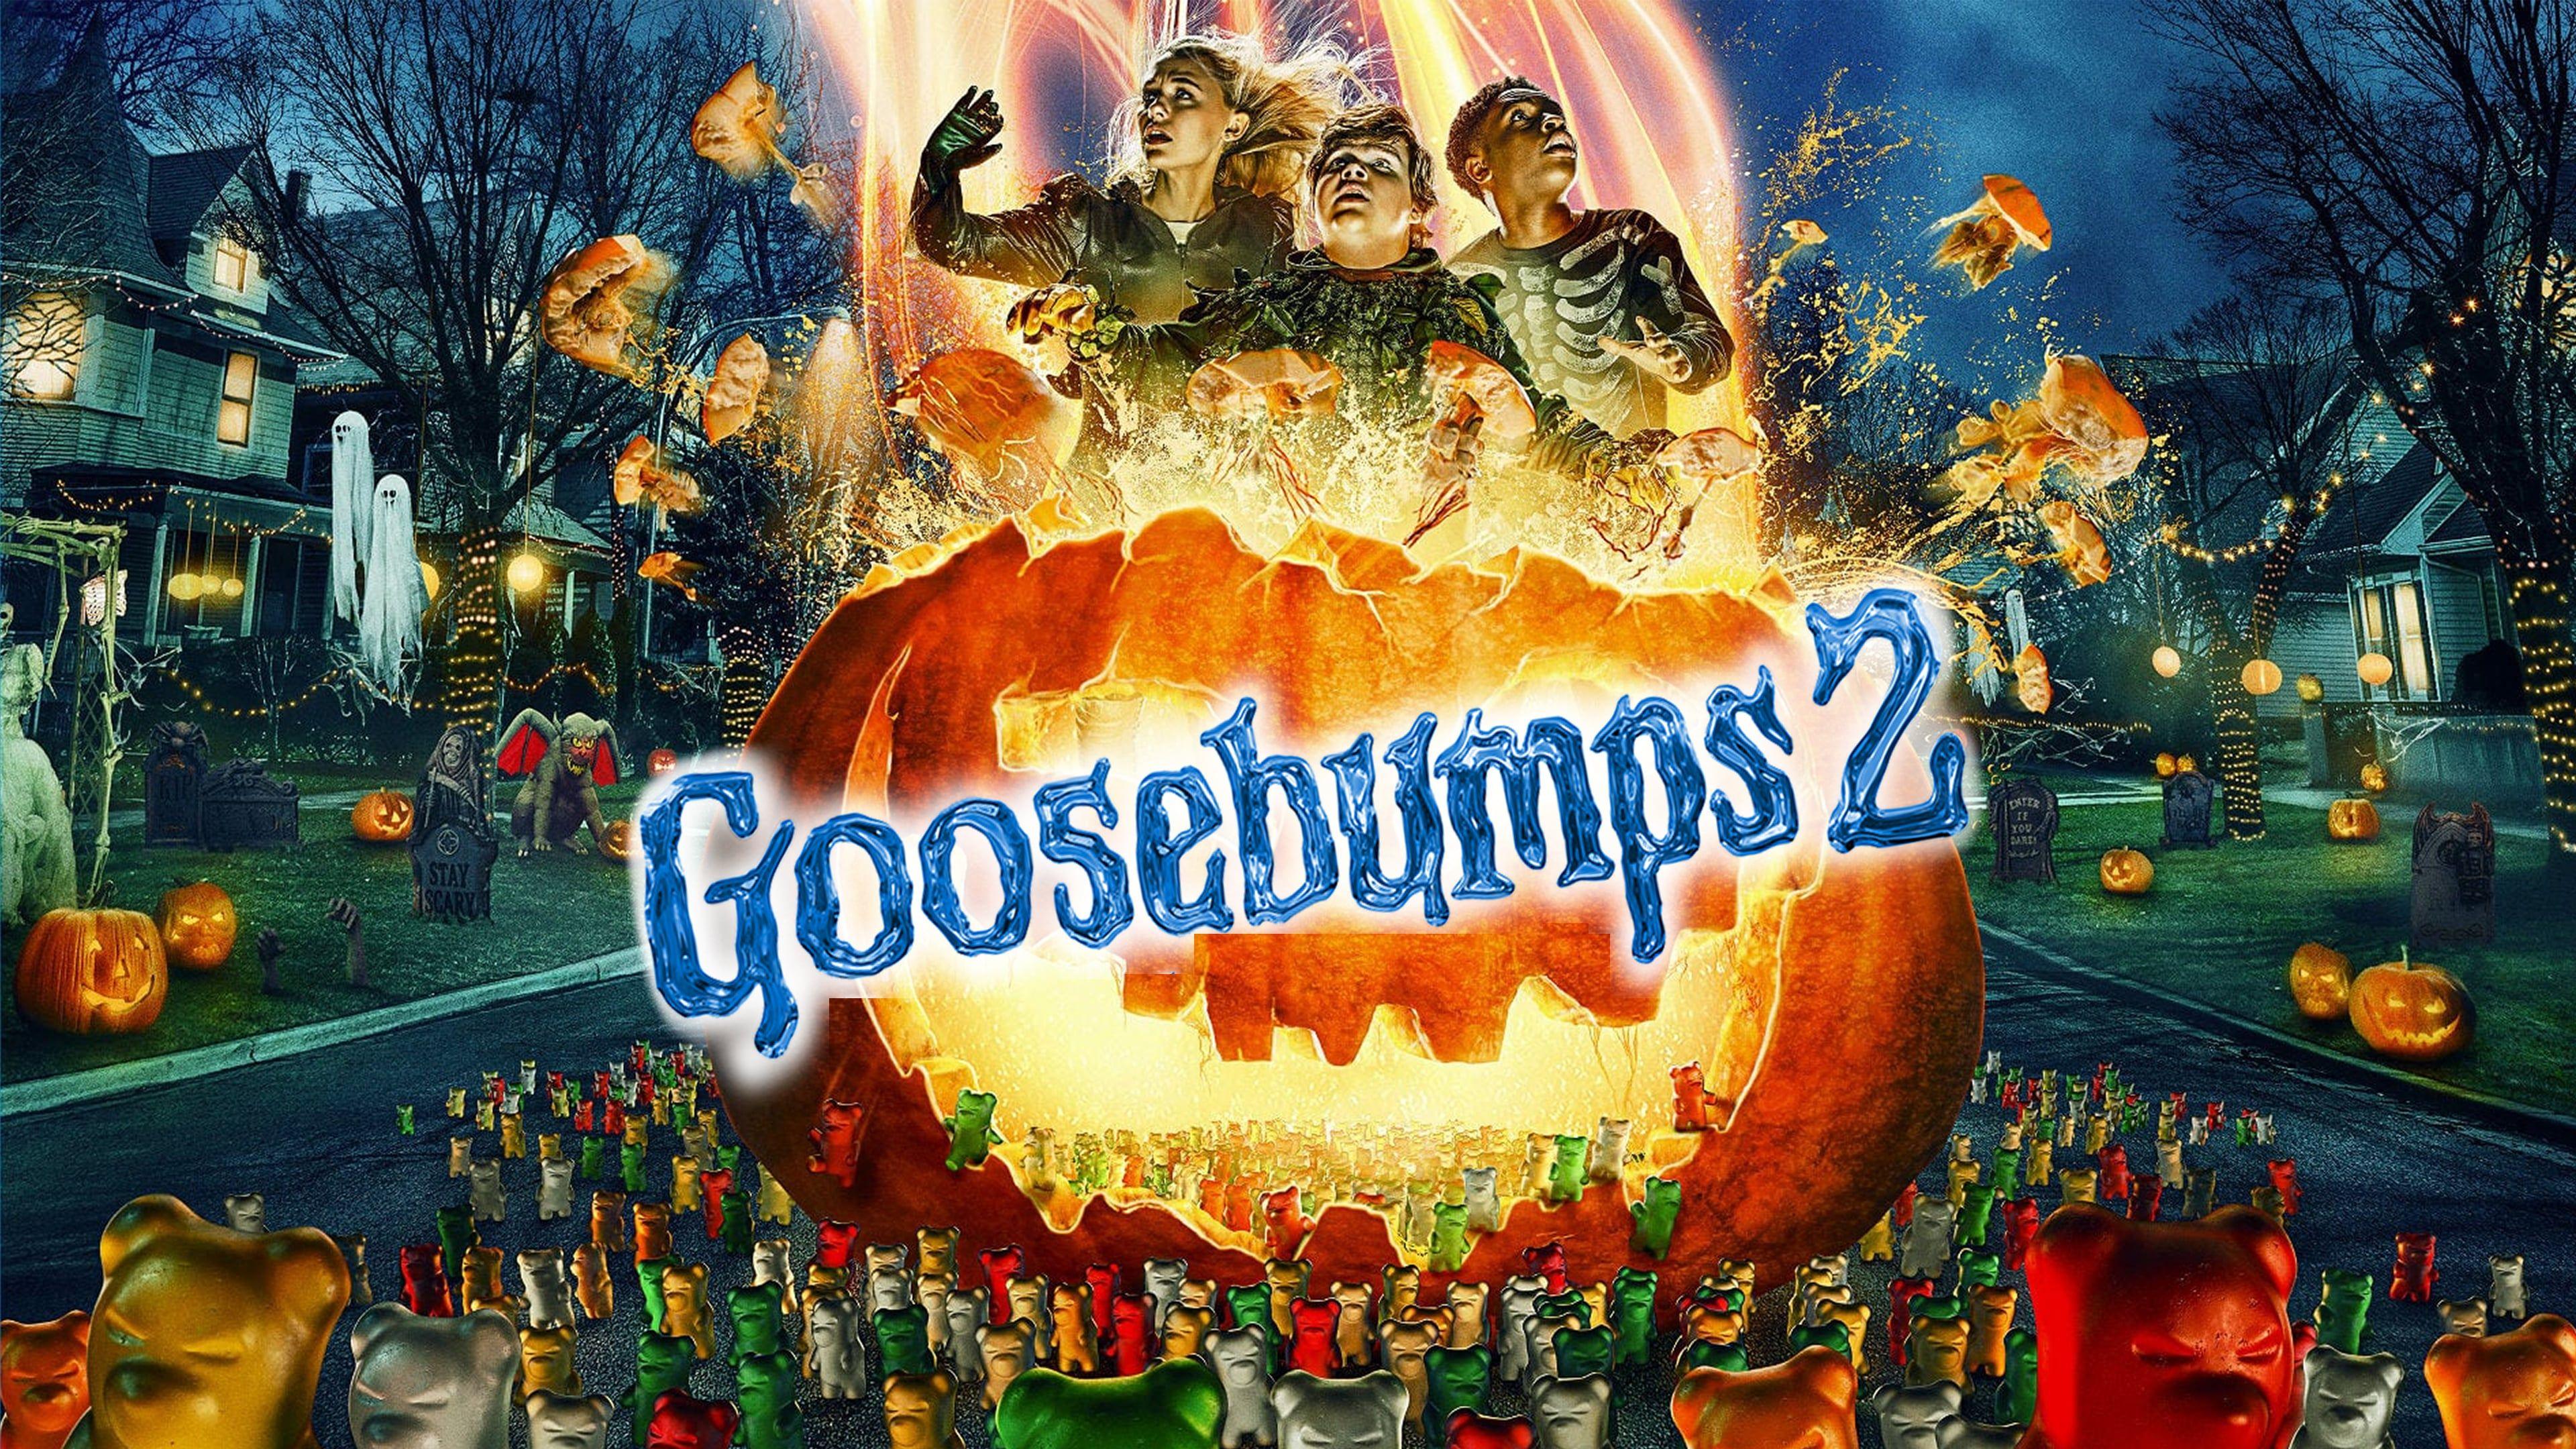 Watch Goosebumps 2: Haunted Halloween 2020 Online Free La noche de Halloween cobra vida en esta nueva comedia de